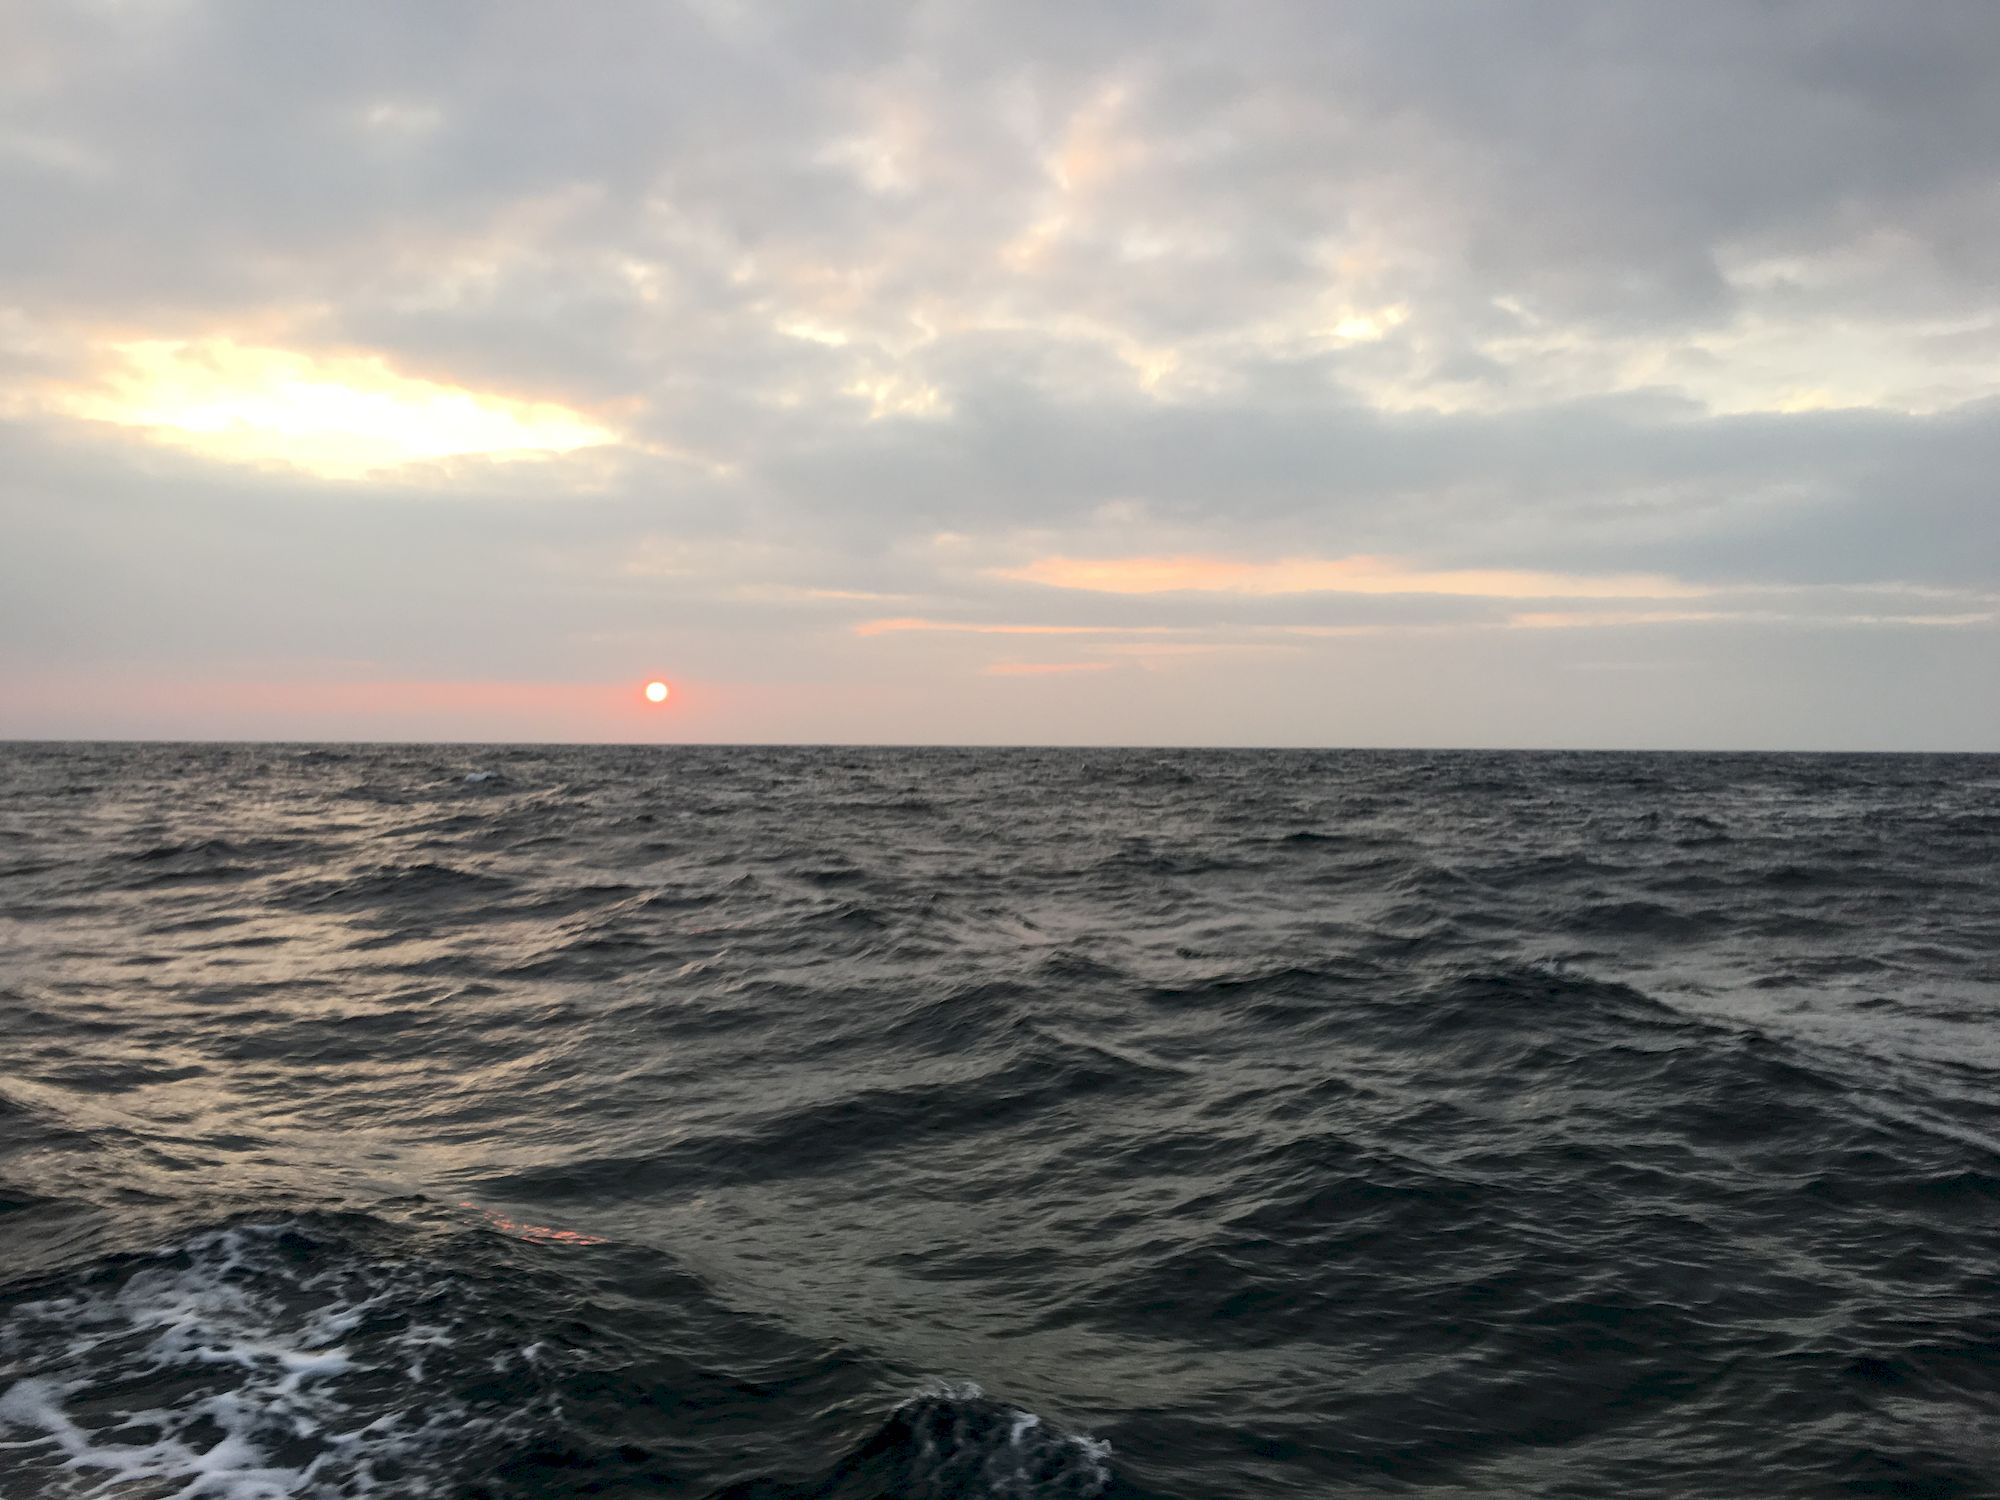 008-IMG_2598_千帆俱乐部我要航海网帆船队-2016威海-仁川国际帆船赛.JPG